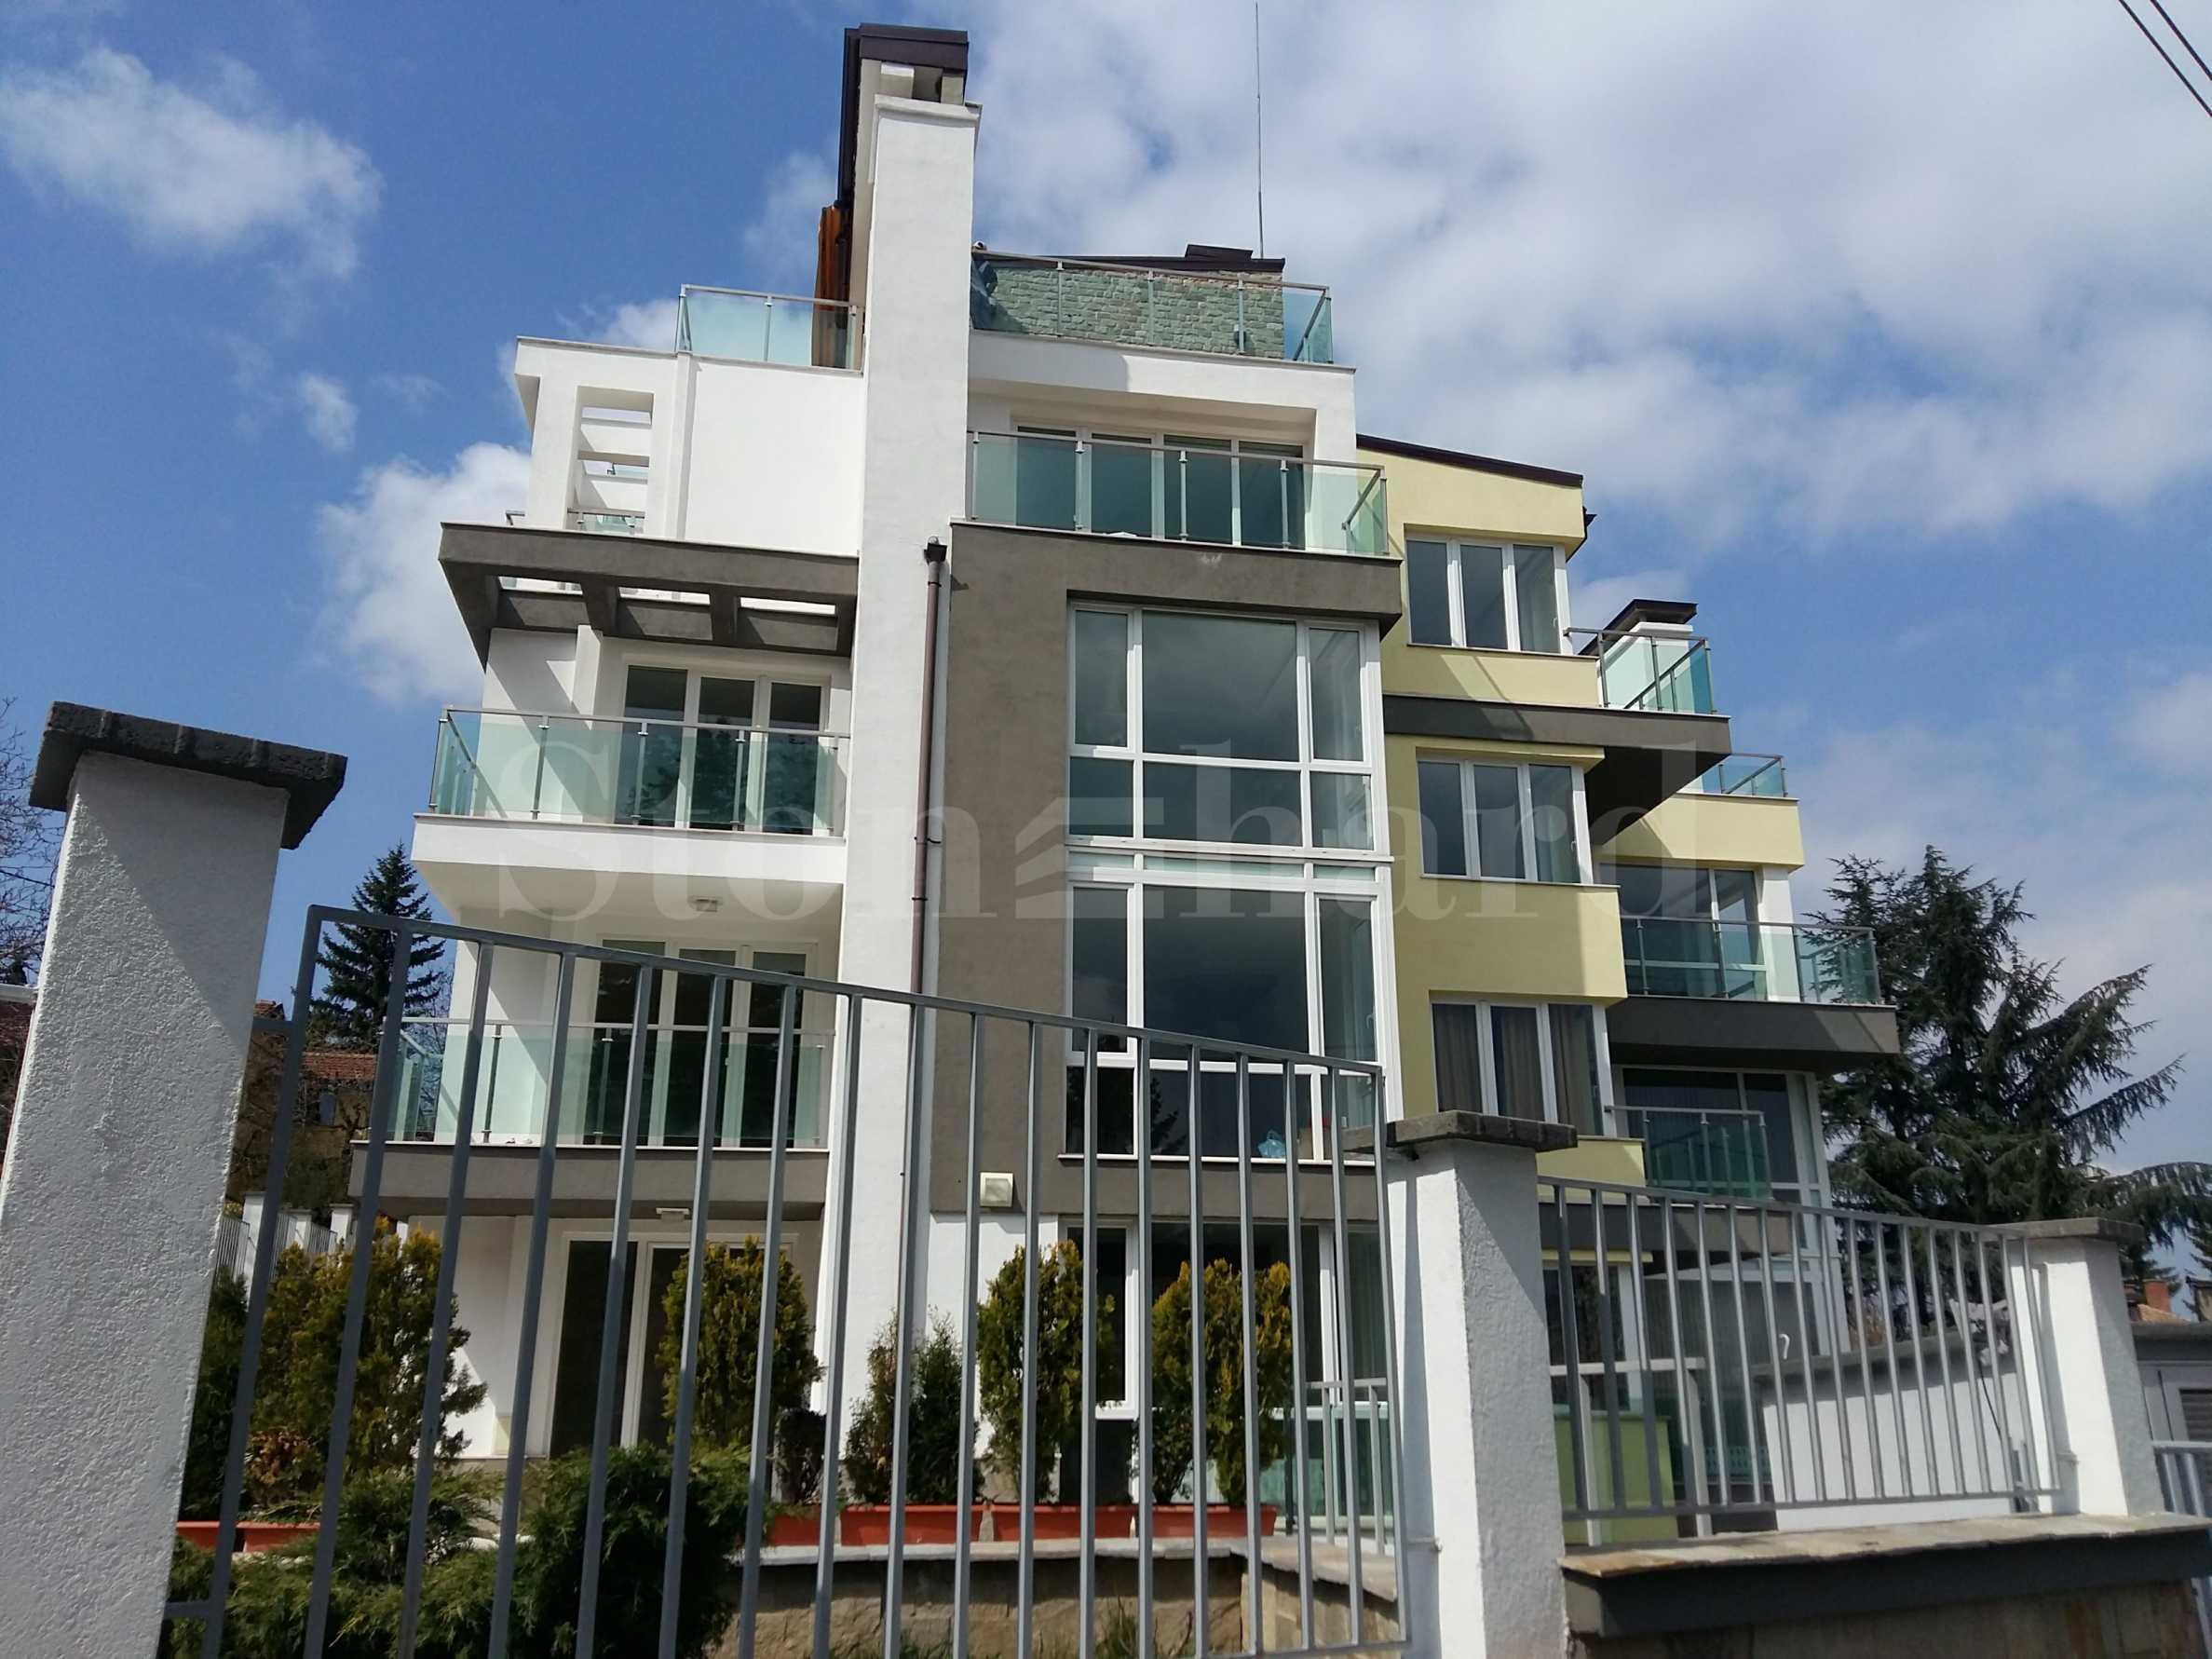 Последен 4-стаен апартамент с голяма тераса и паркомясто1 - Stonehard